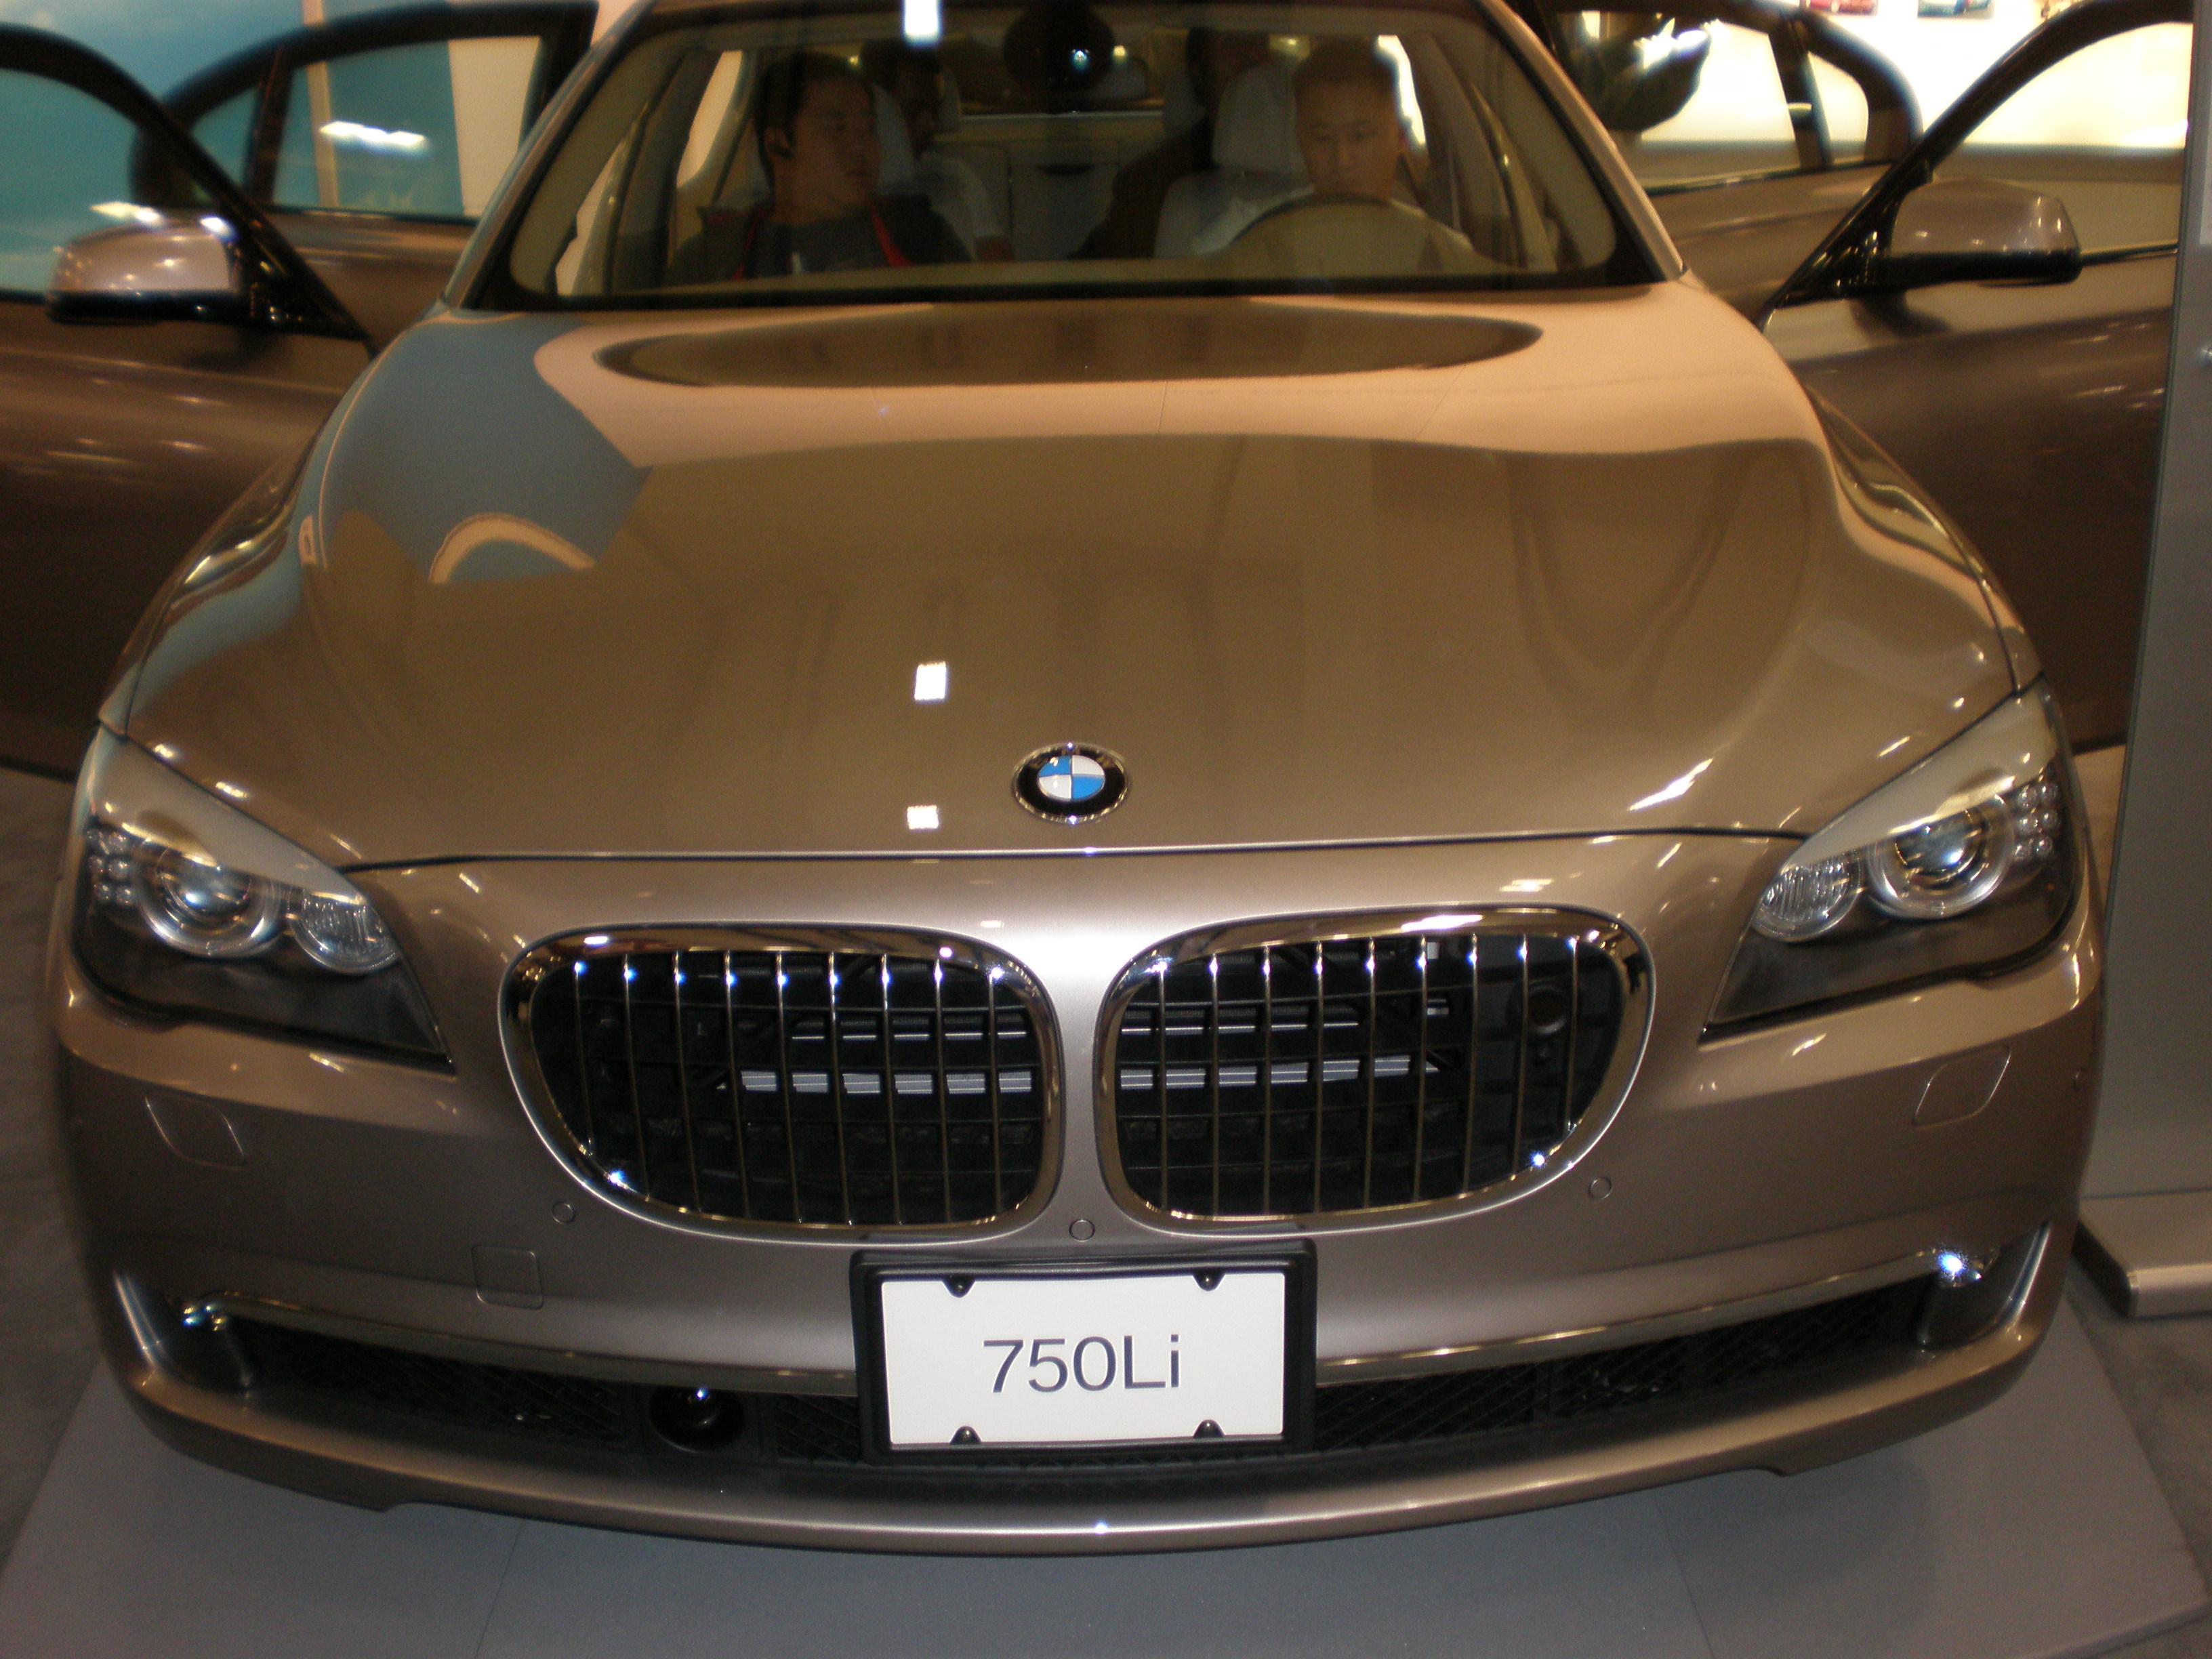 File:2009 silver BMW 750Li sedan front.JPG - Wikimedia Commons